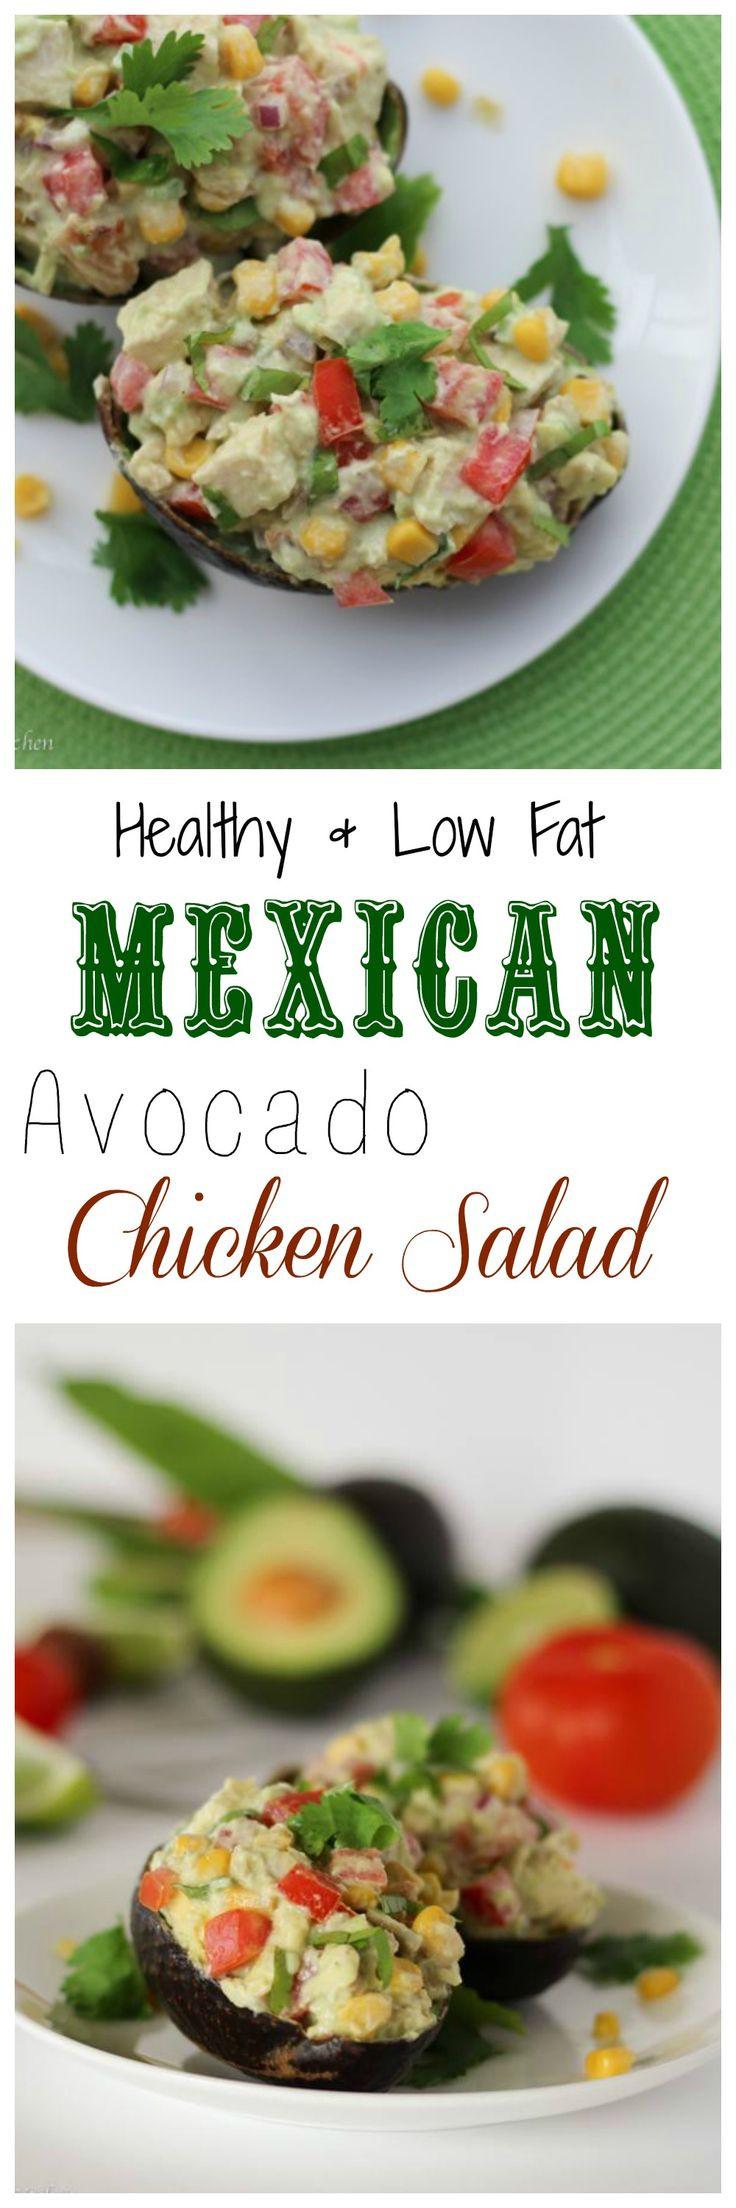 Low Fat Mexican Recipes  Healthy Low Fat Mexican Avocado Chicken Salad